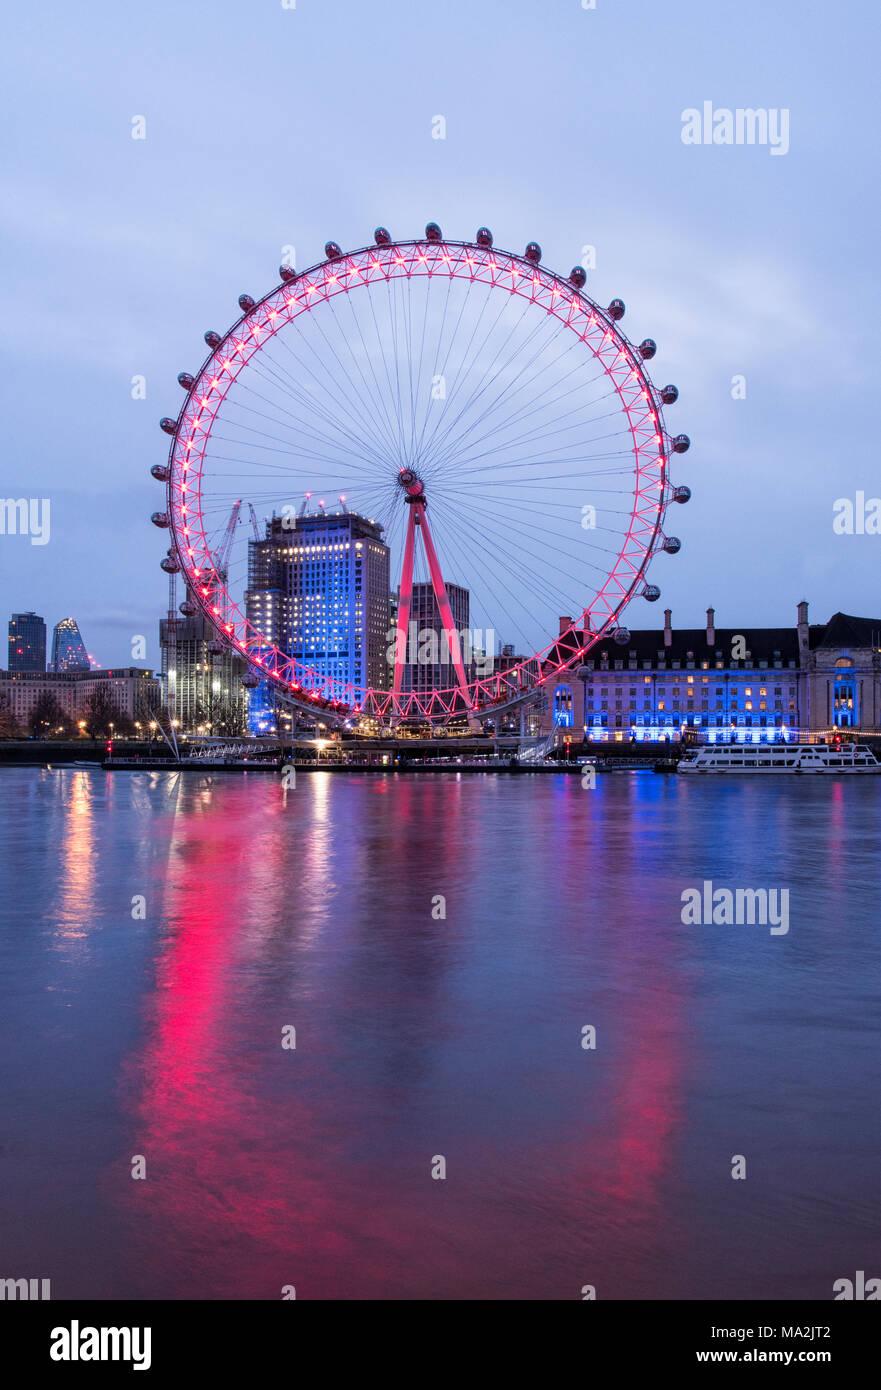 Lever du soleil à Tamise, regard vers le London Eye et le County Hall, Londres, Angleterre Photo Stock